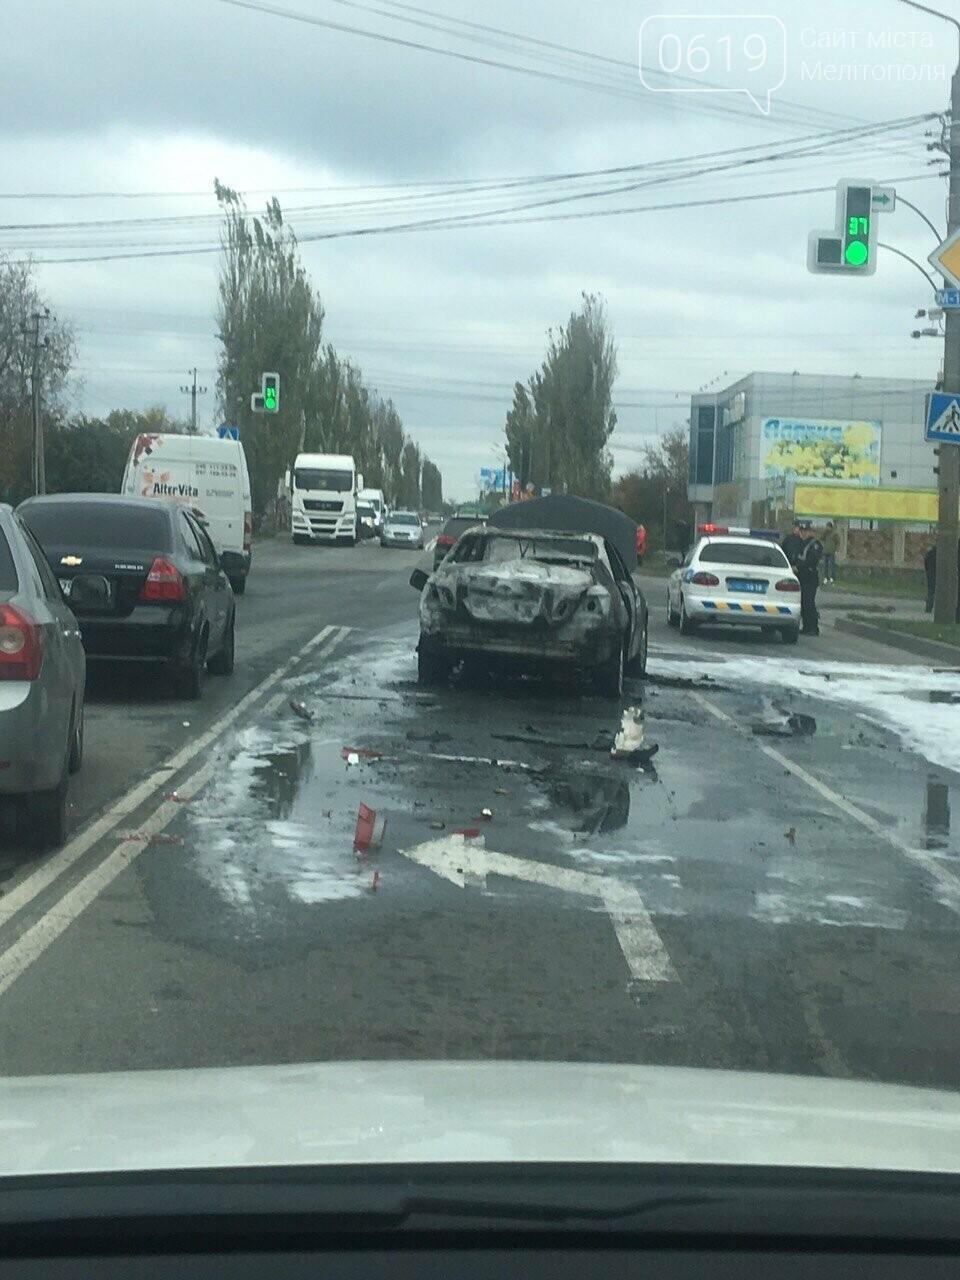 Появились подробности взрыва авто в Мелитополе, - ФОТО, фото-6, Фото 0619